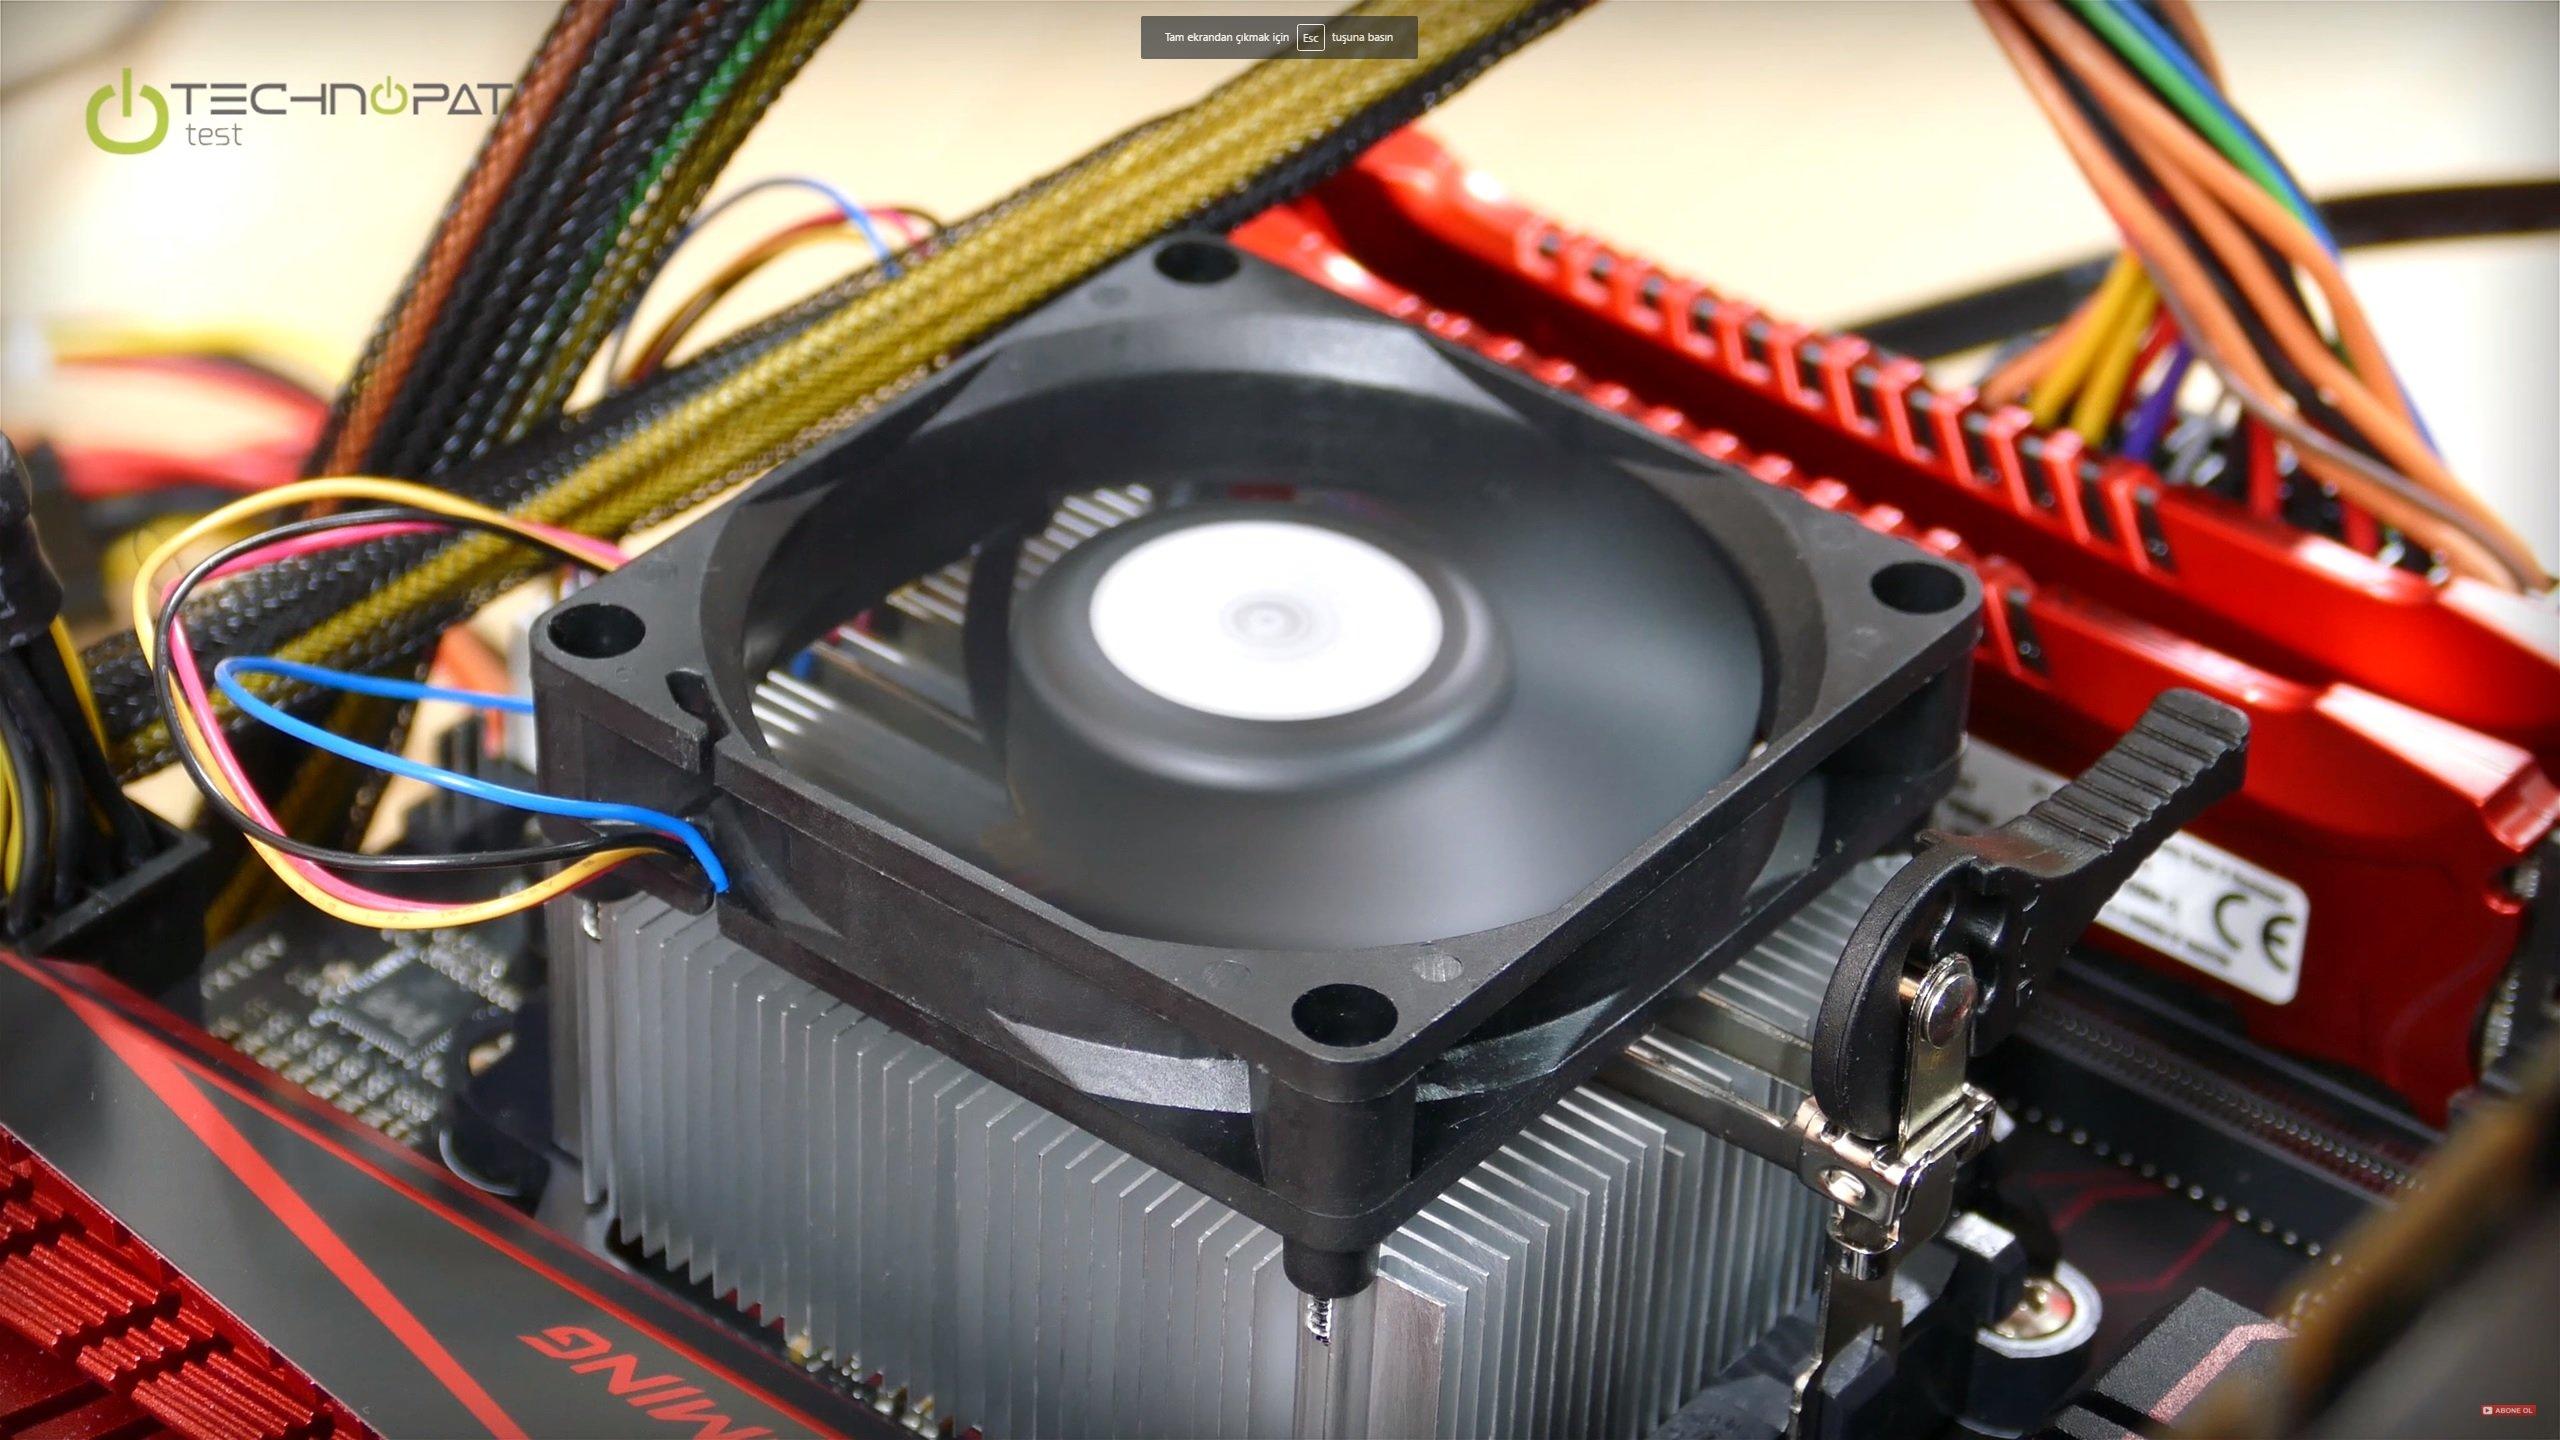 Eski AMD Stock Fan yani kutudan çıkan ücretsiz soğutucu